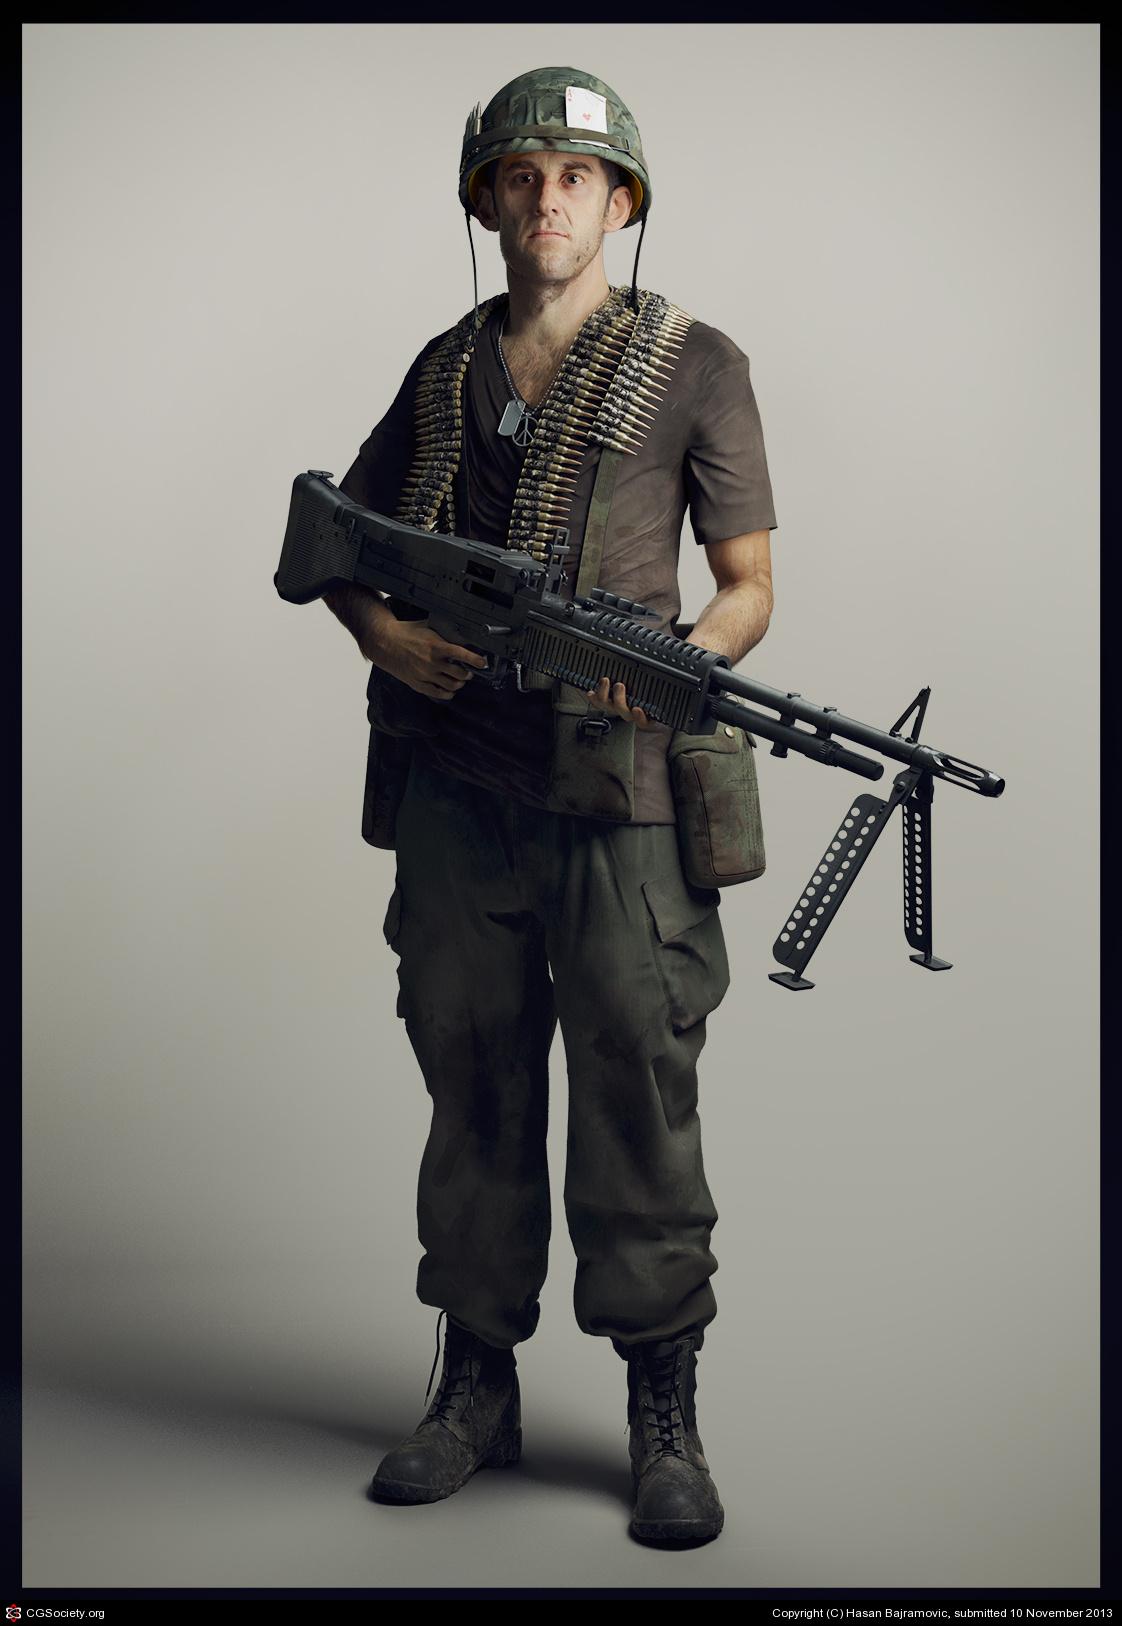 Hbajramovic soldier 1 e7bf60ca w45f